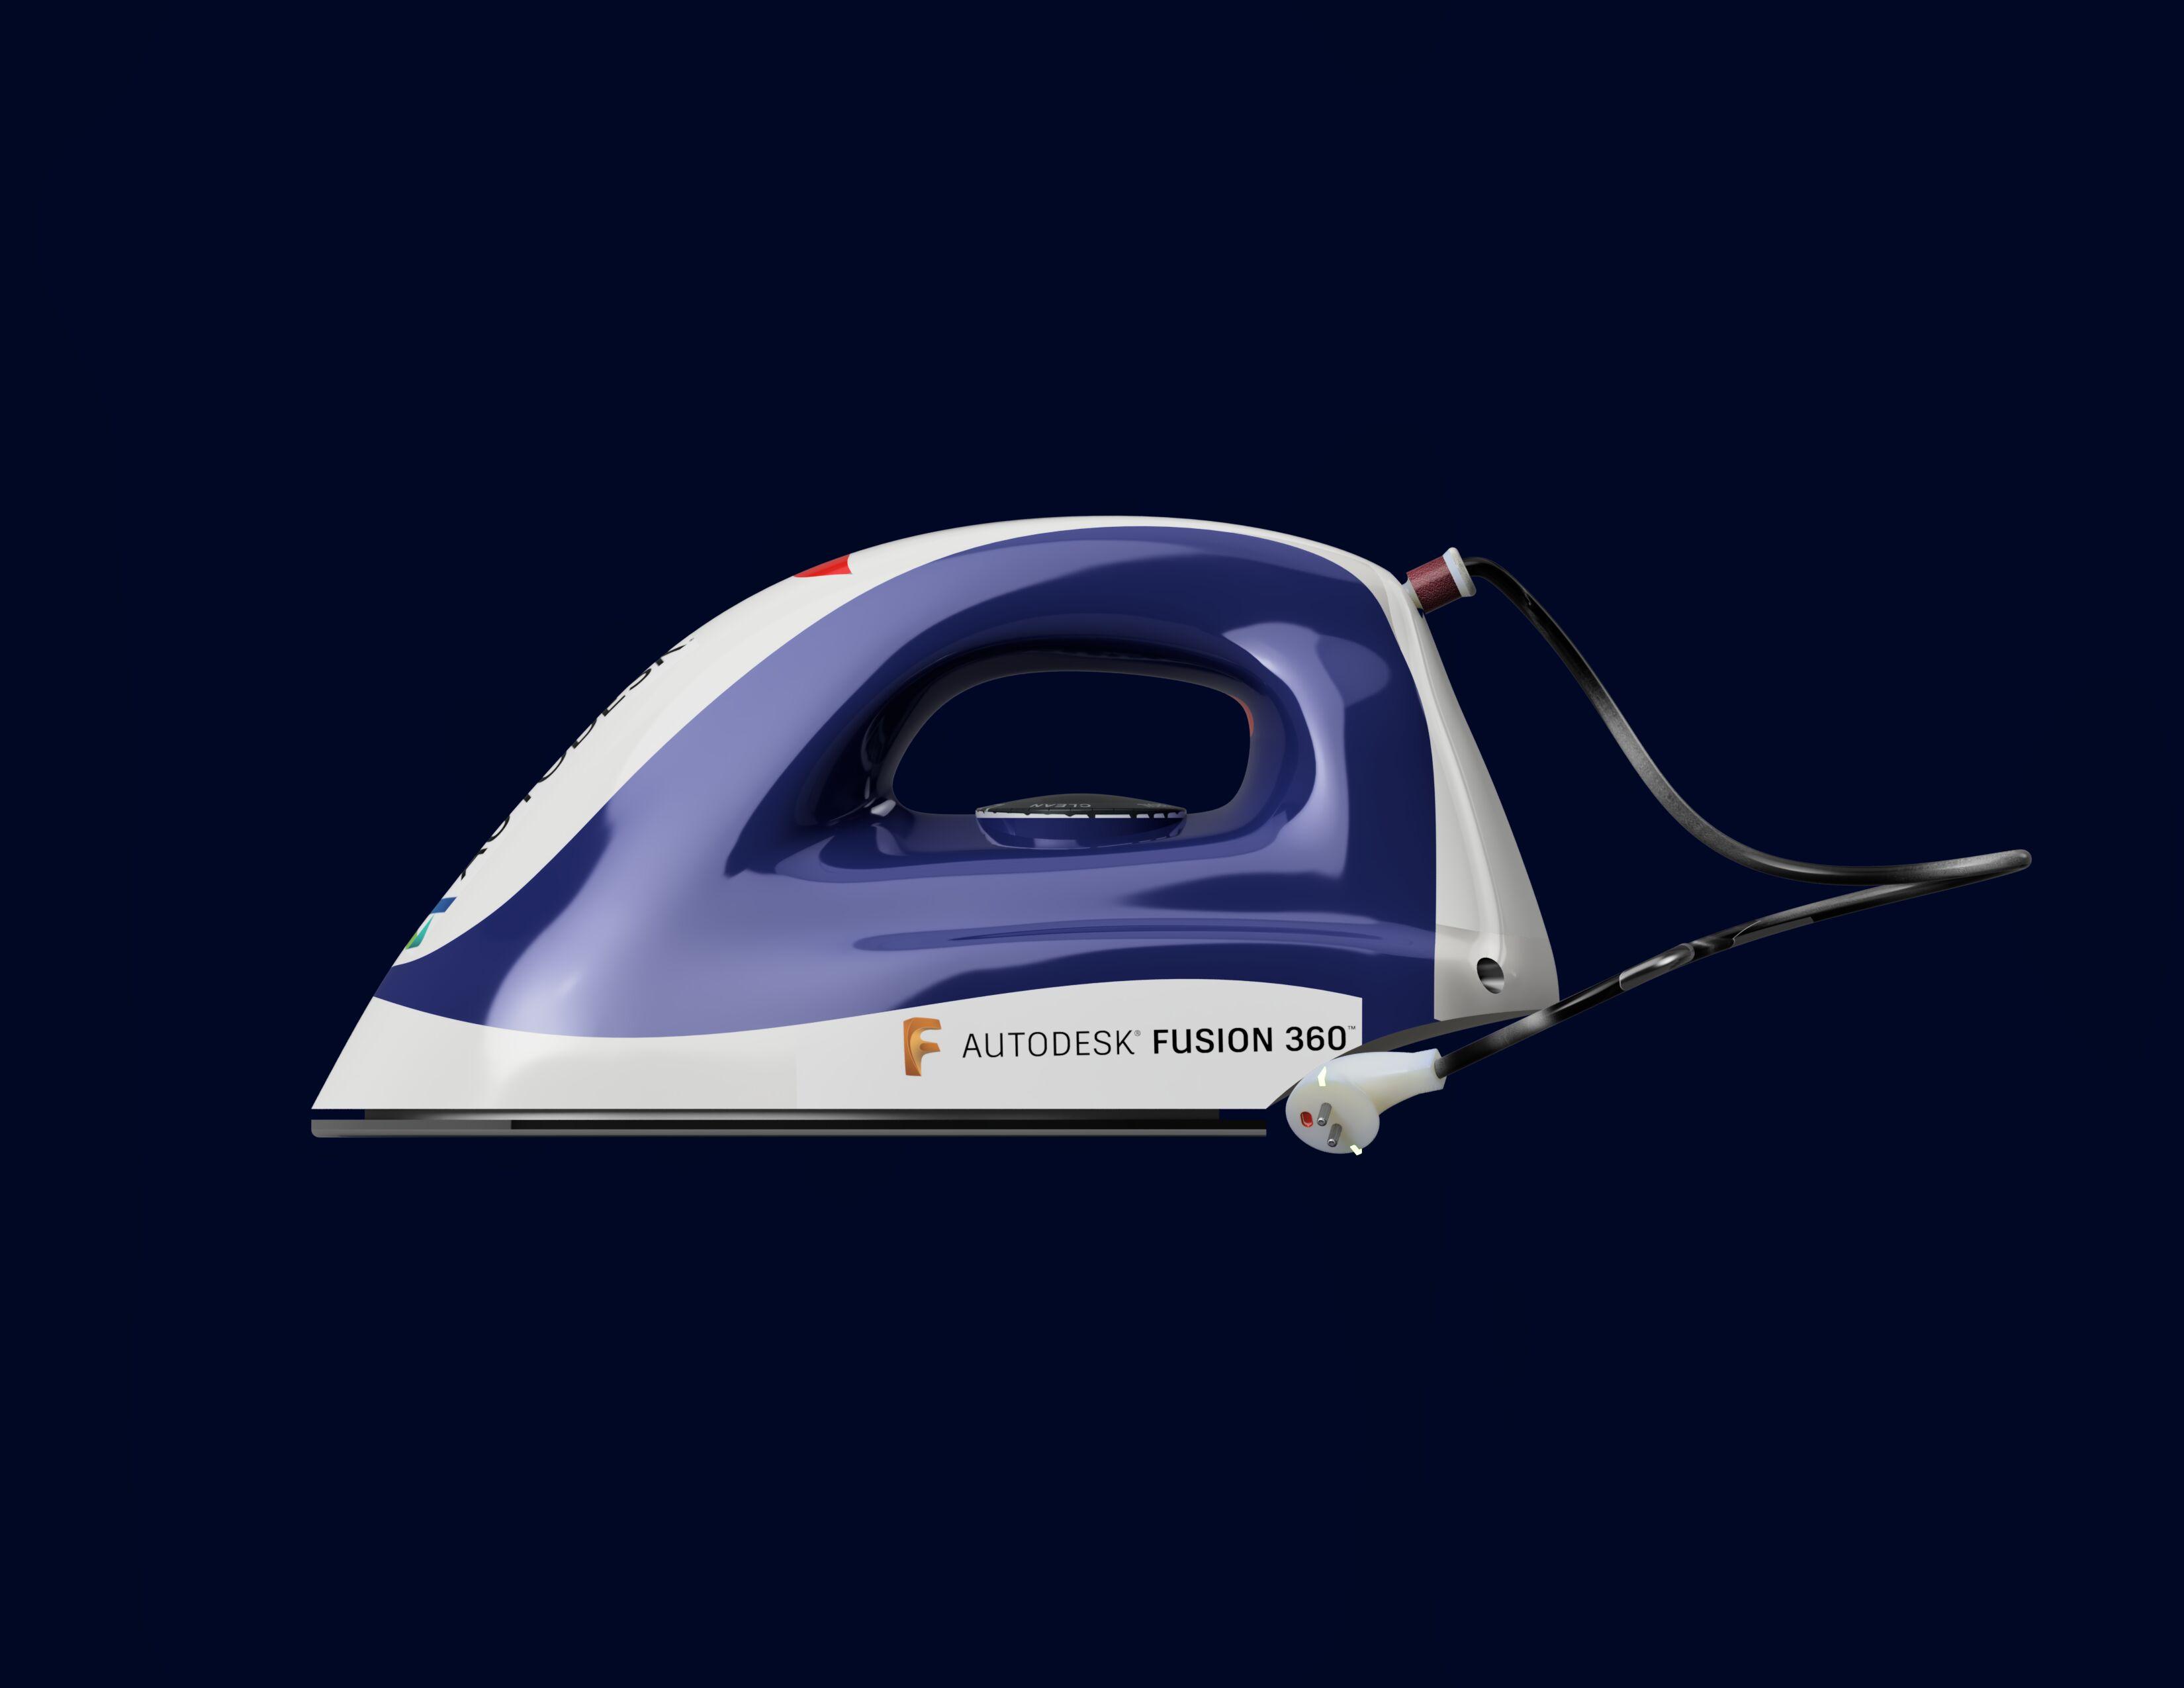 Iron-2020-jun-21-06-02-14am-000-customizedview20132418881-png-3500-3500